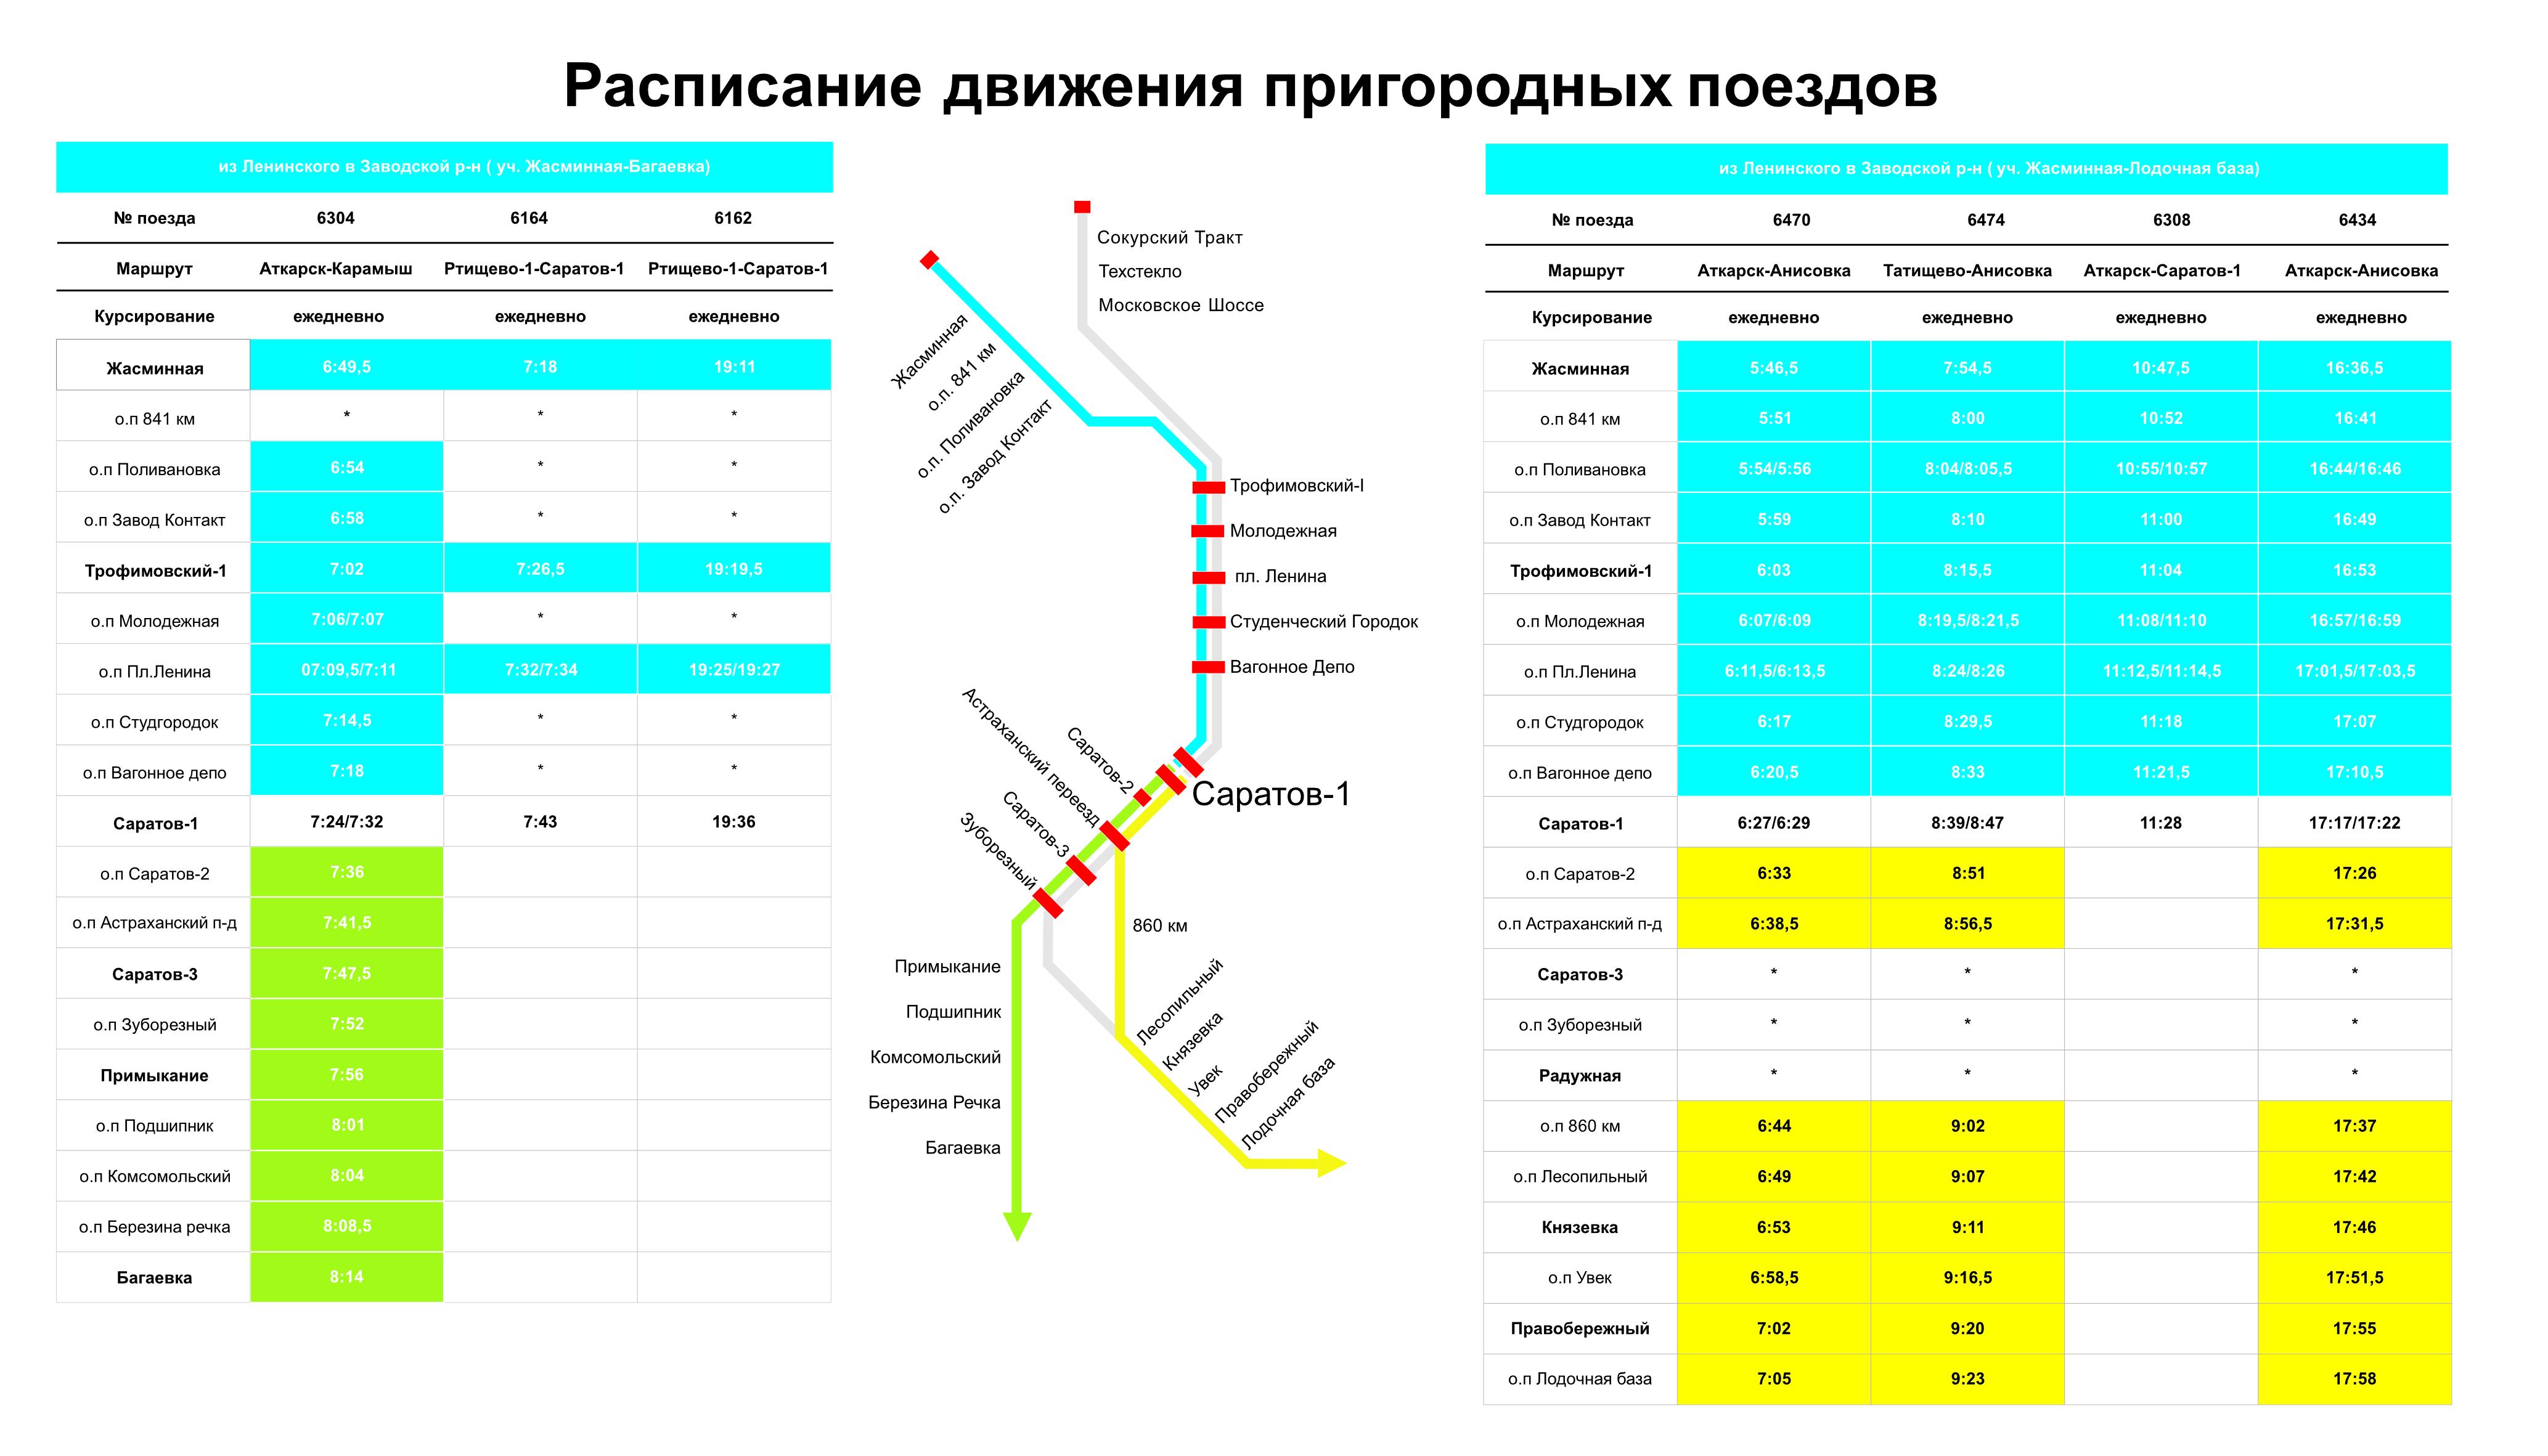 shemadvsaratov 1 1 - Схема движения пригородных поездов в черте г.Саратов